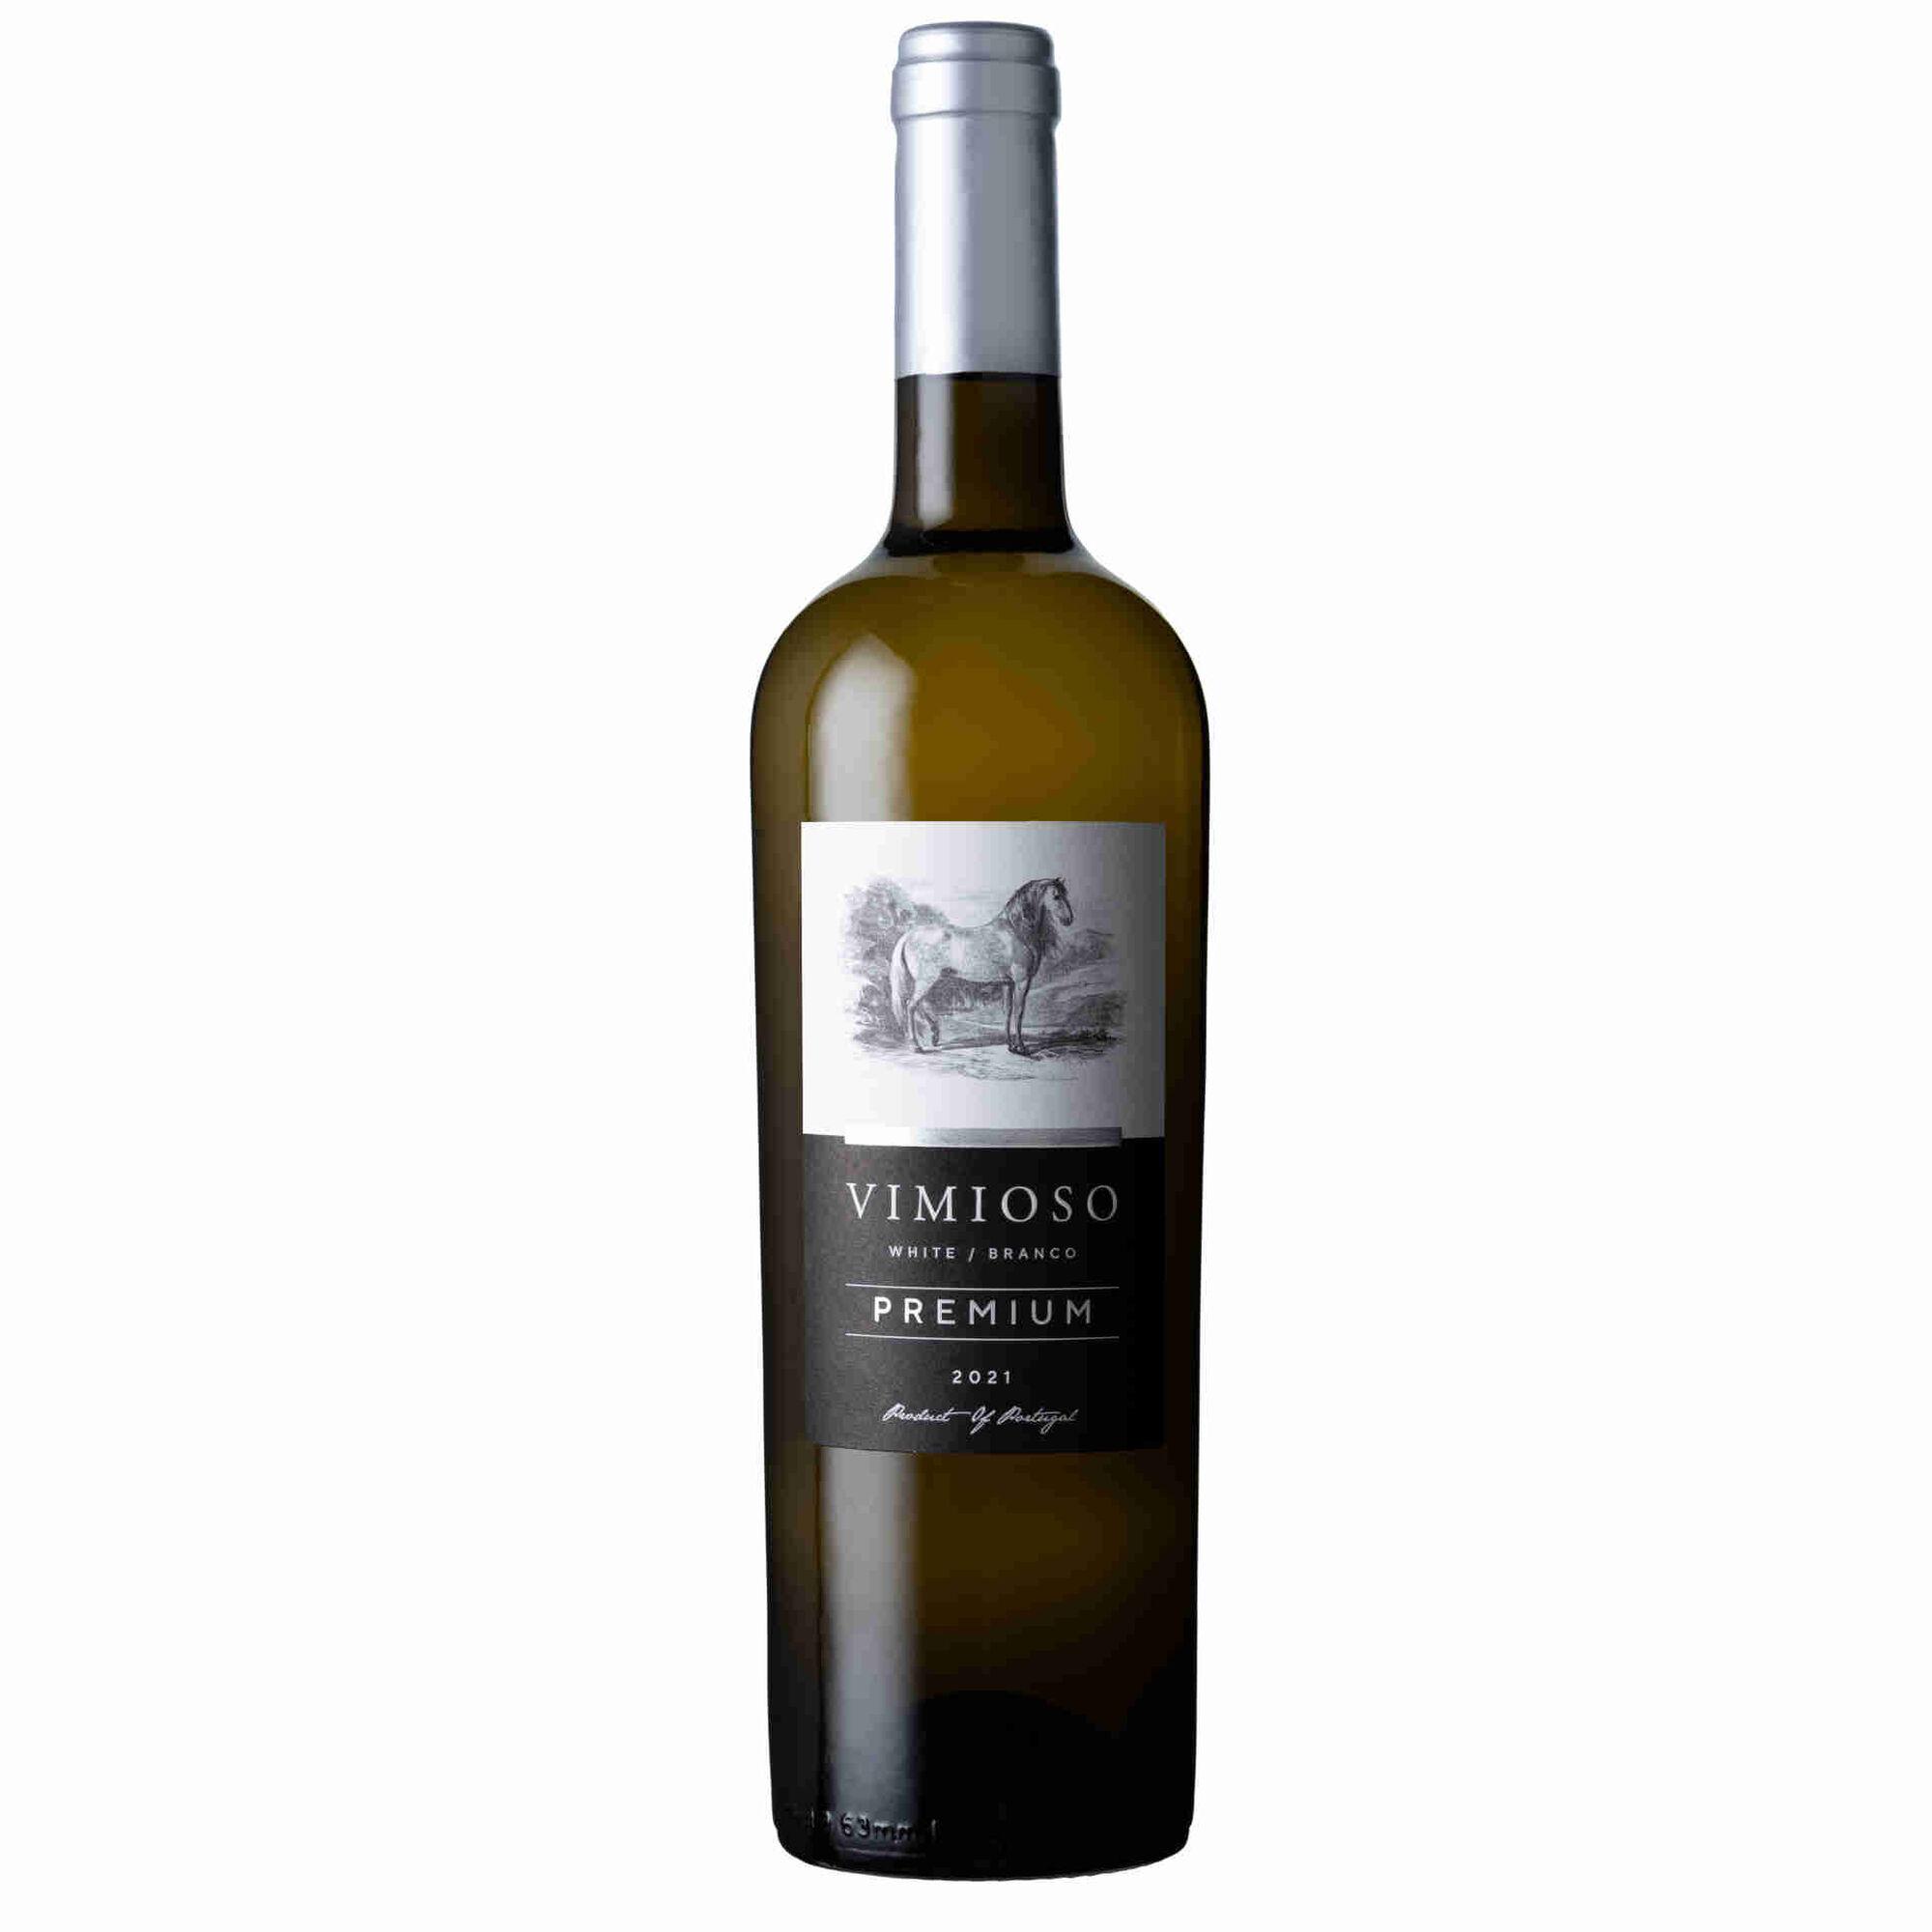 Vimioso Premium Regional Tejo Vinho Branco